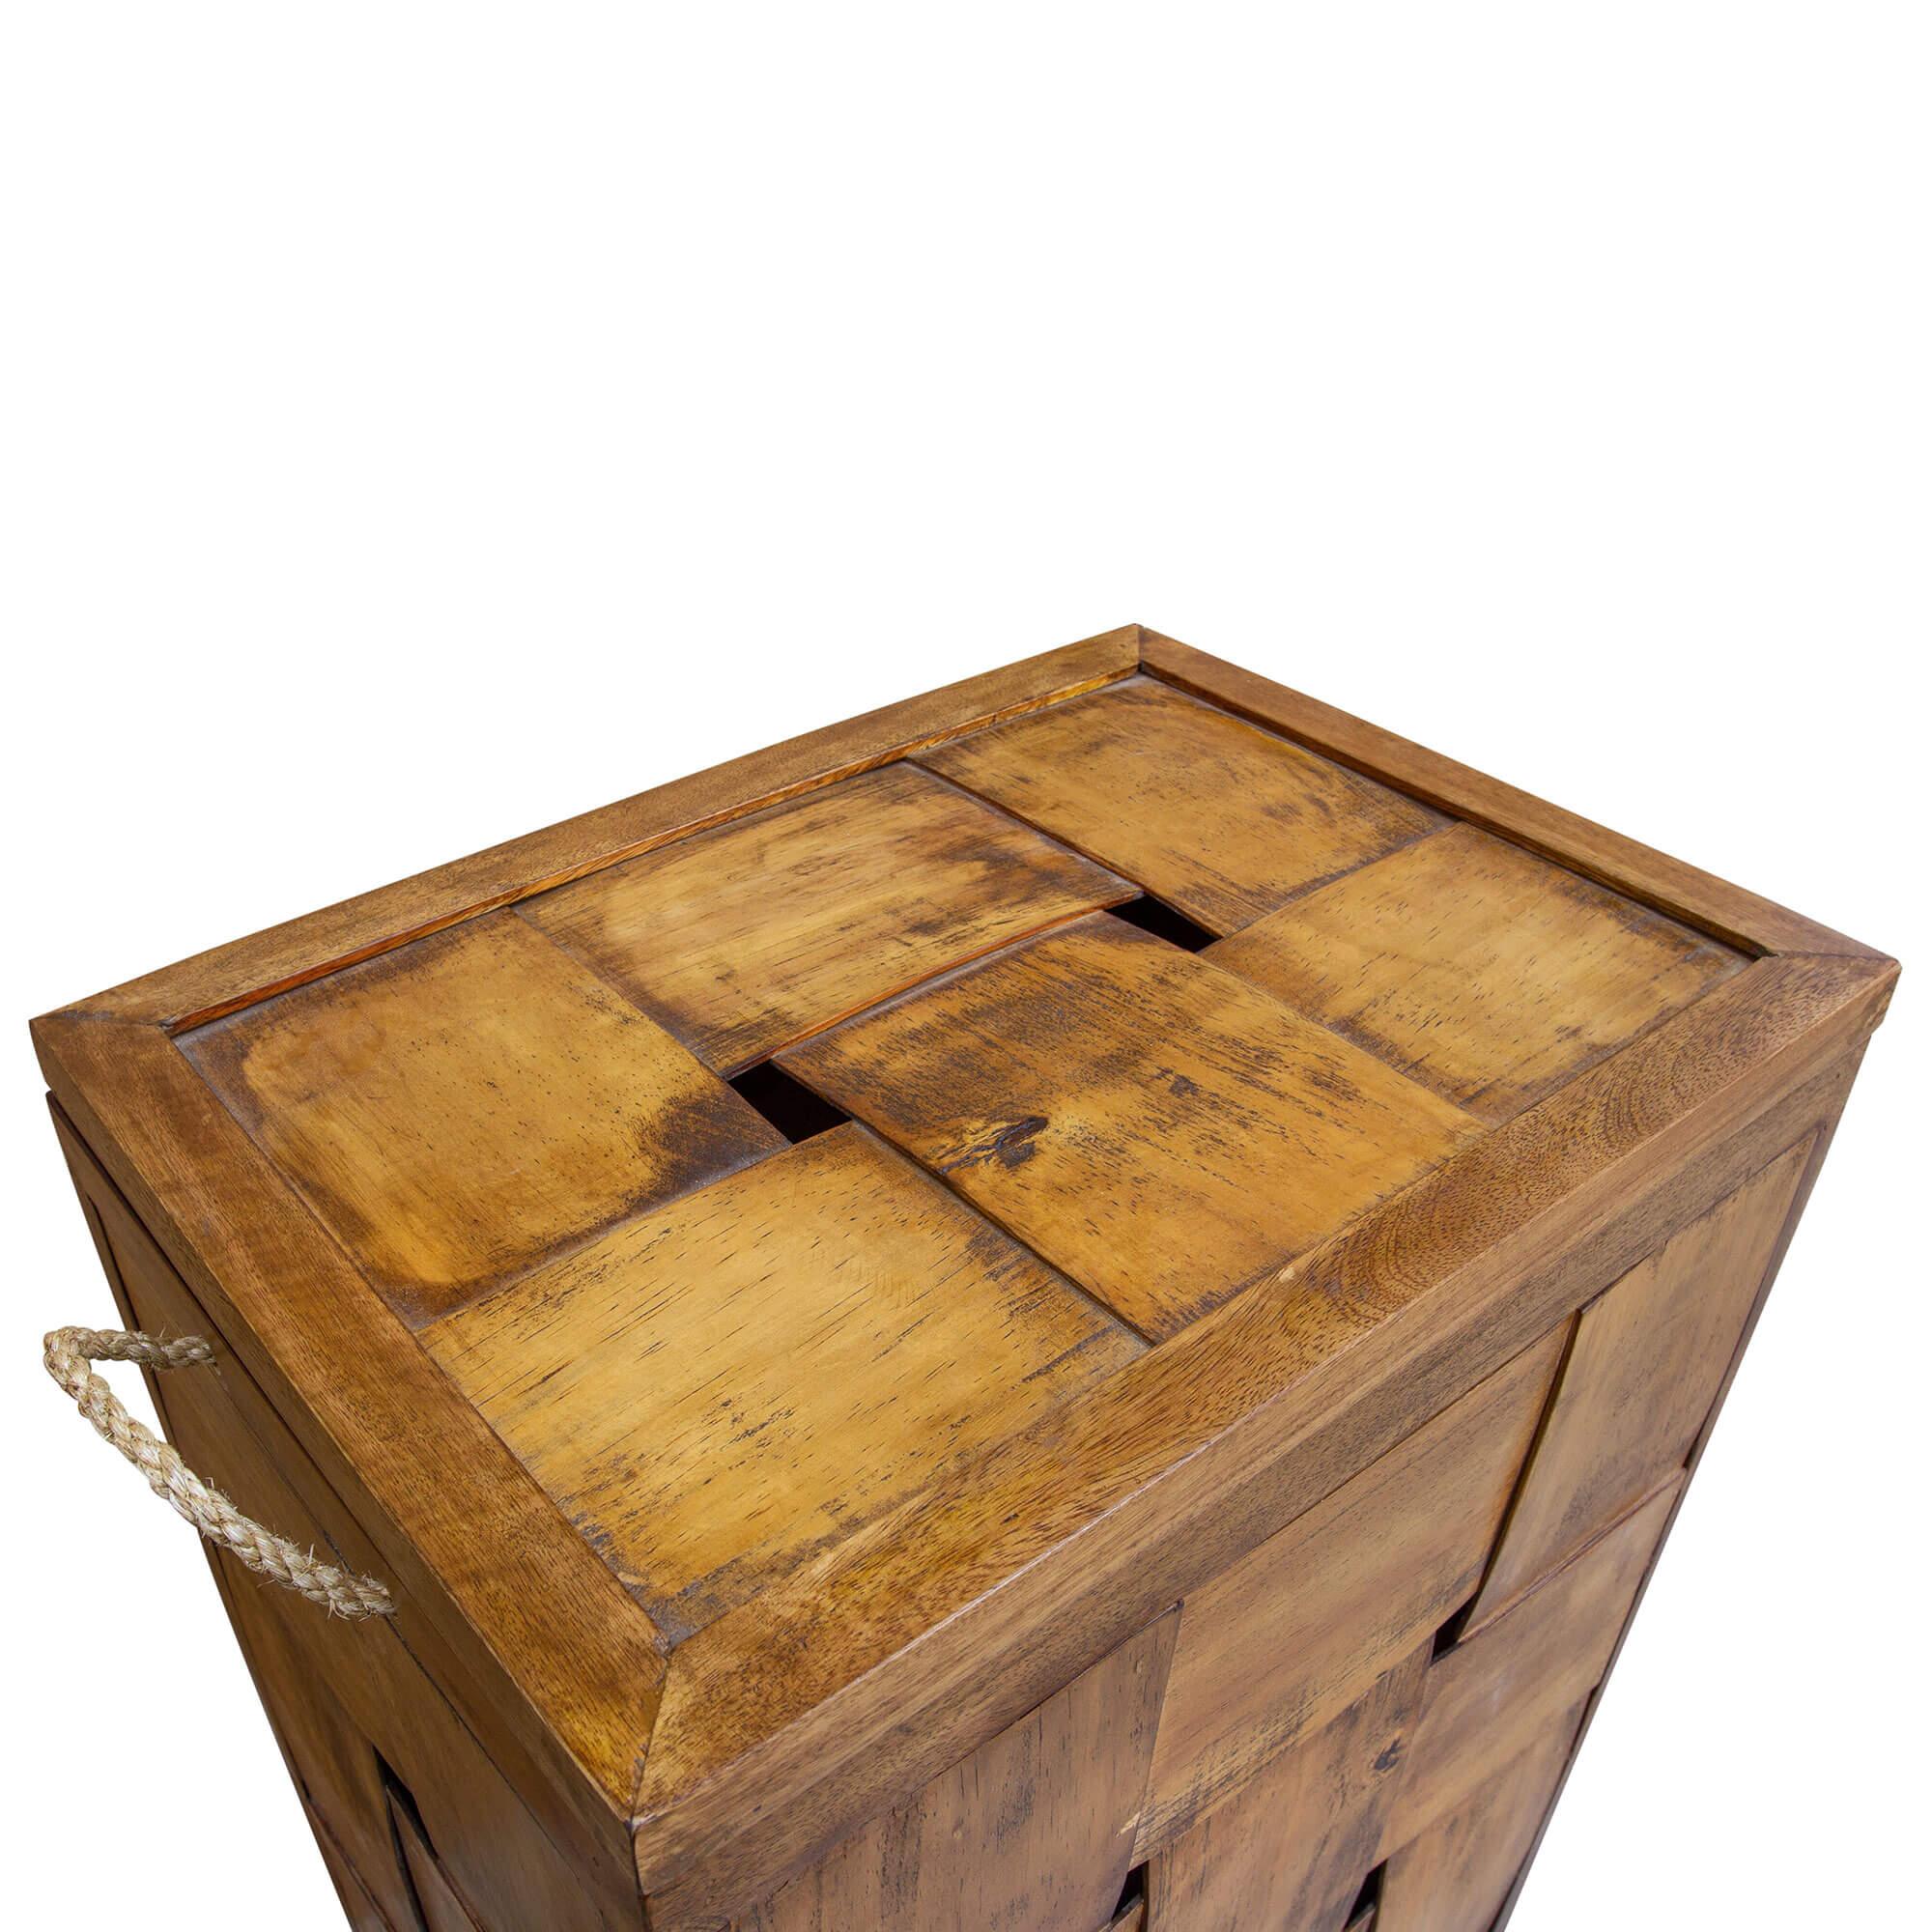 Furniture Supplies UK  Laundry Basket